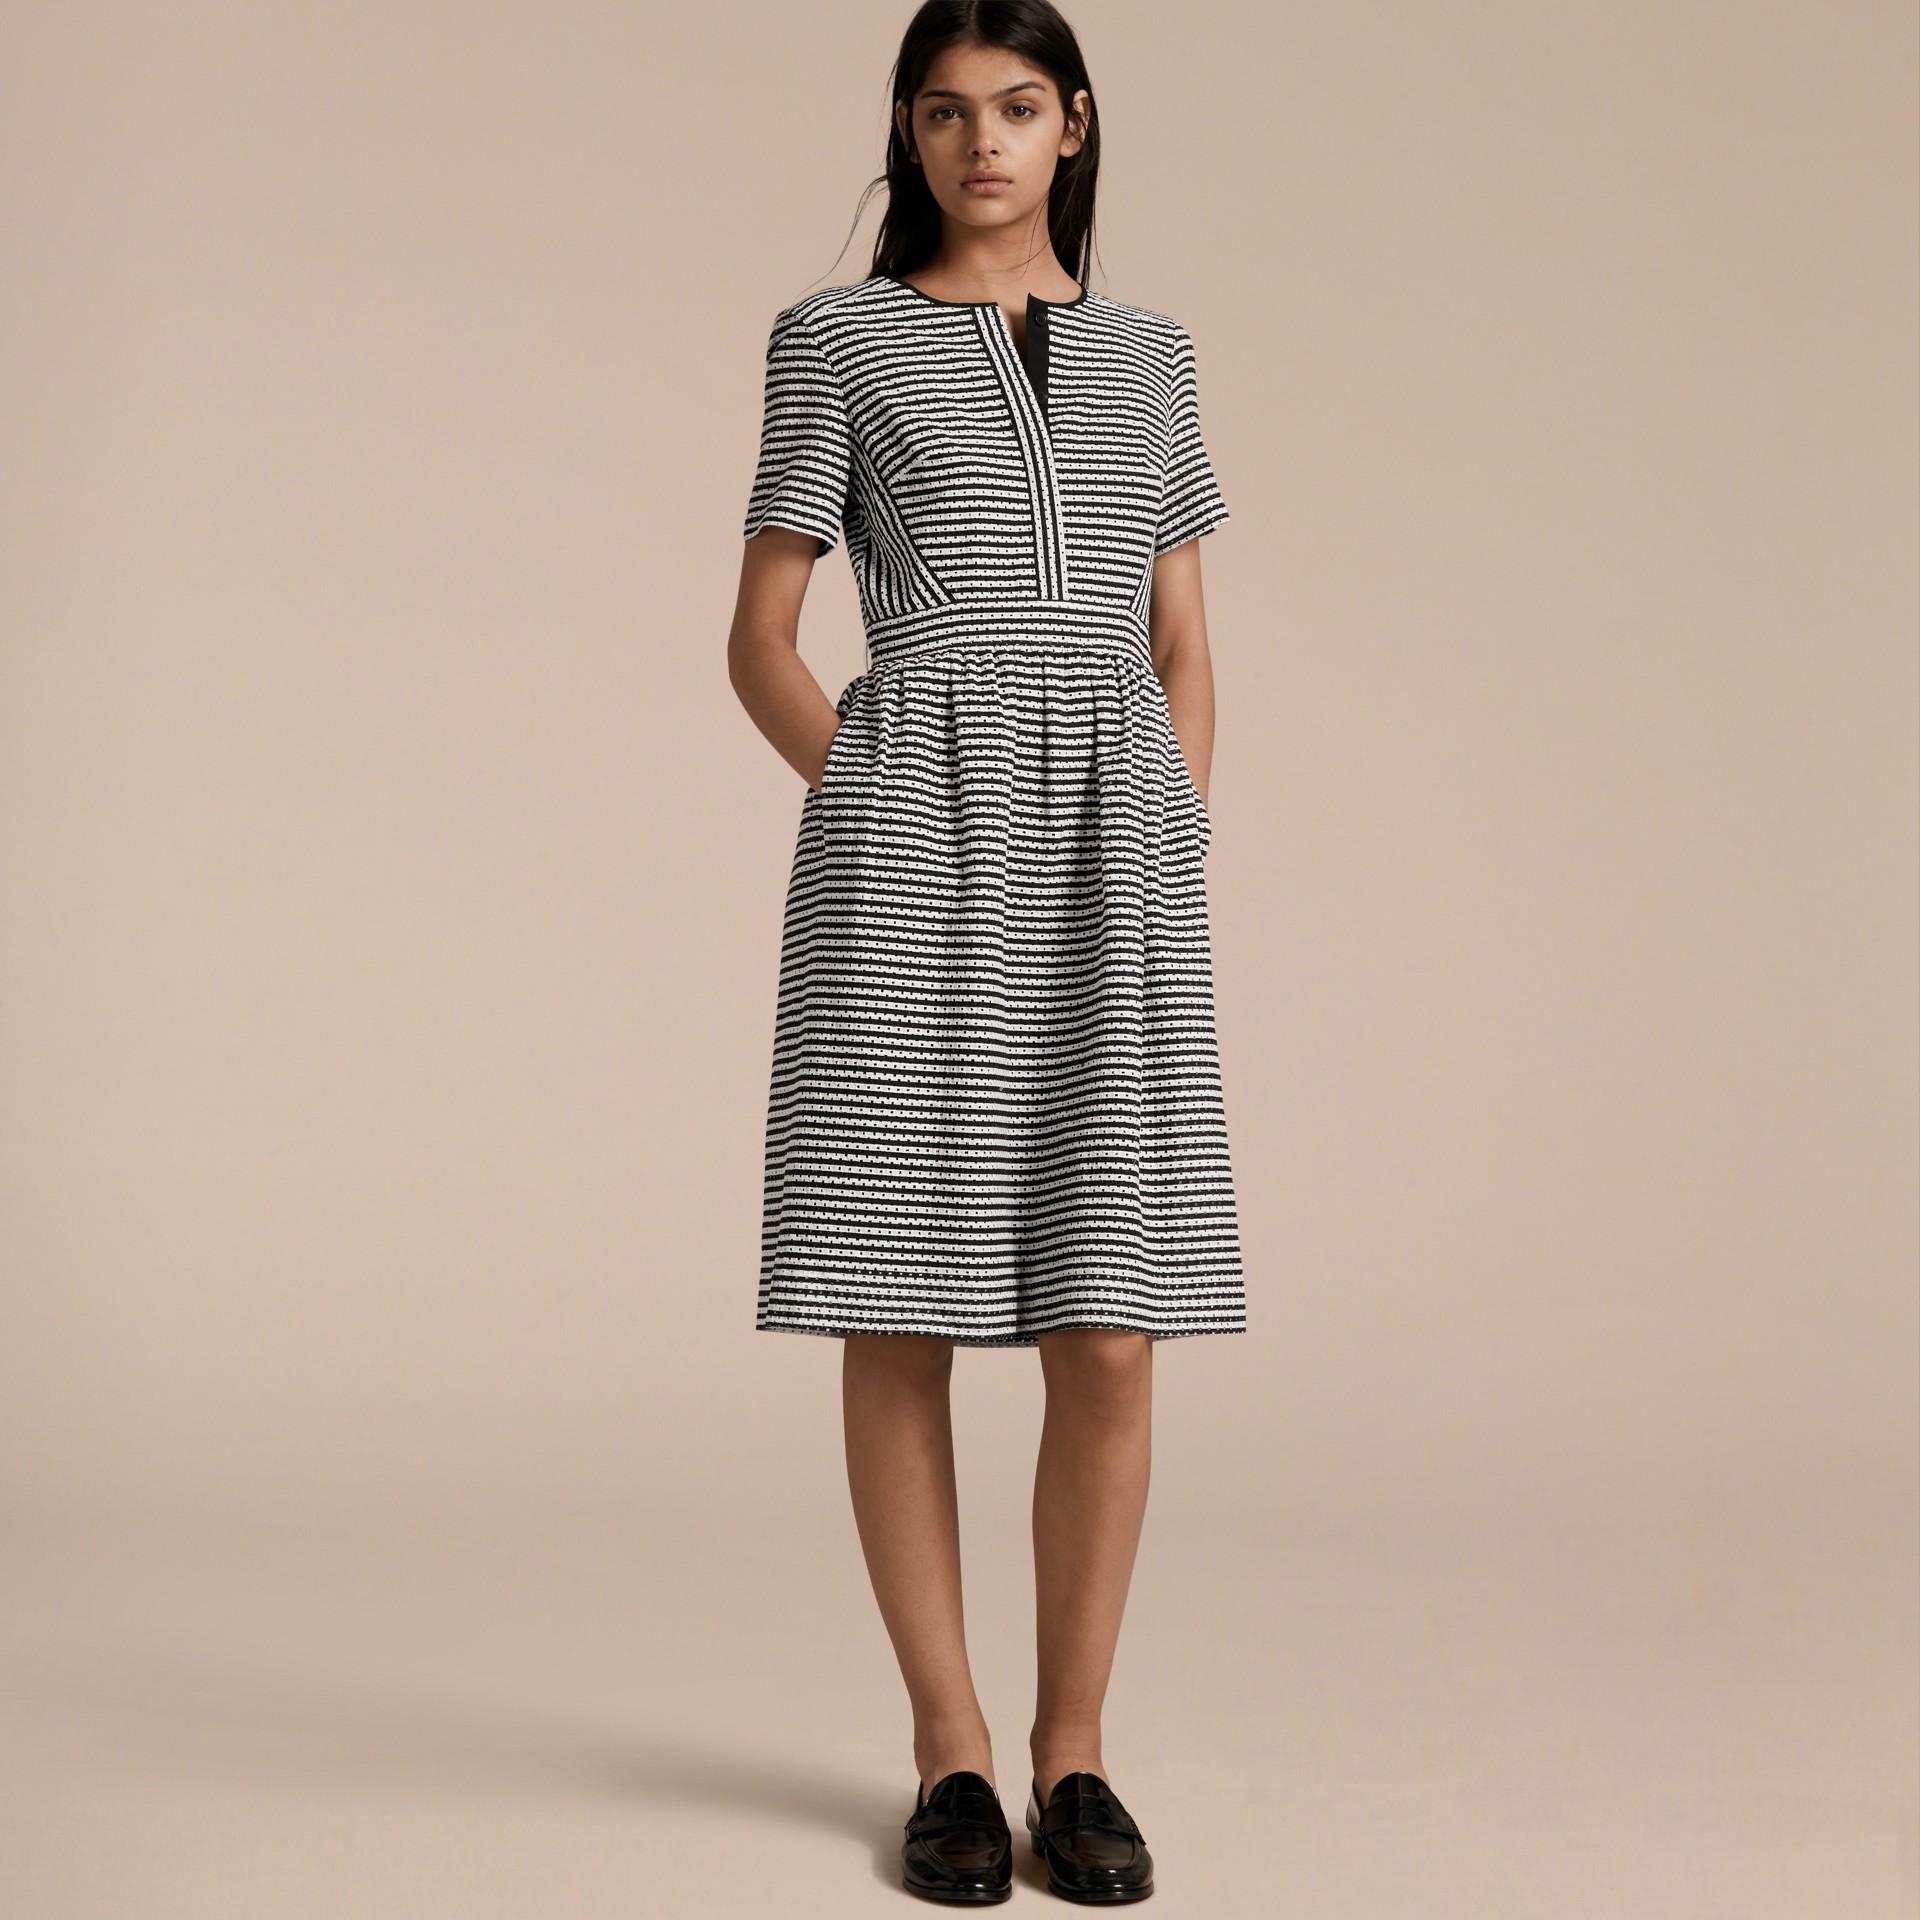 Черный Платье из ажурной ткани в полоску - изображение 6